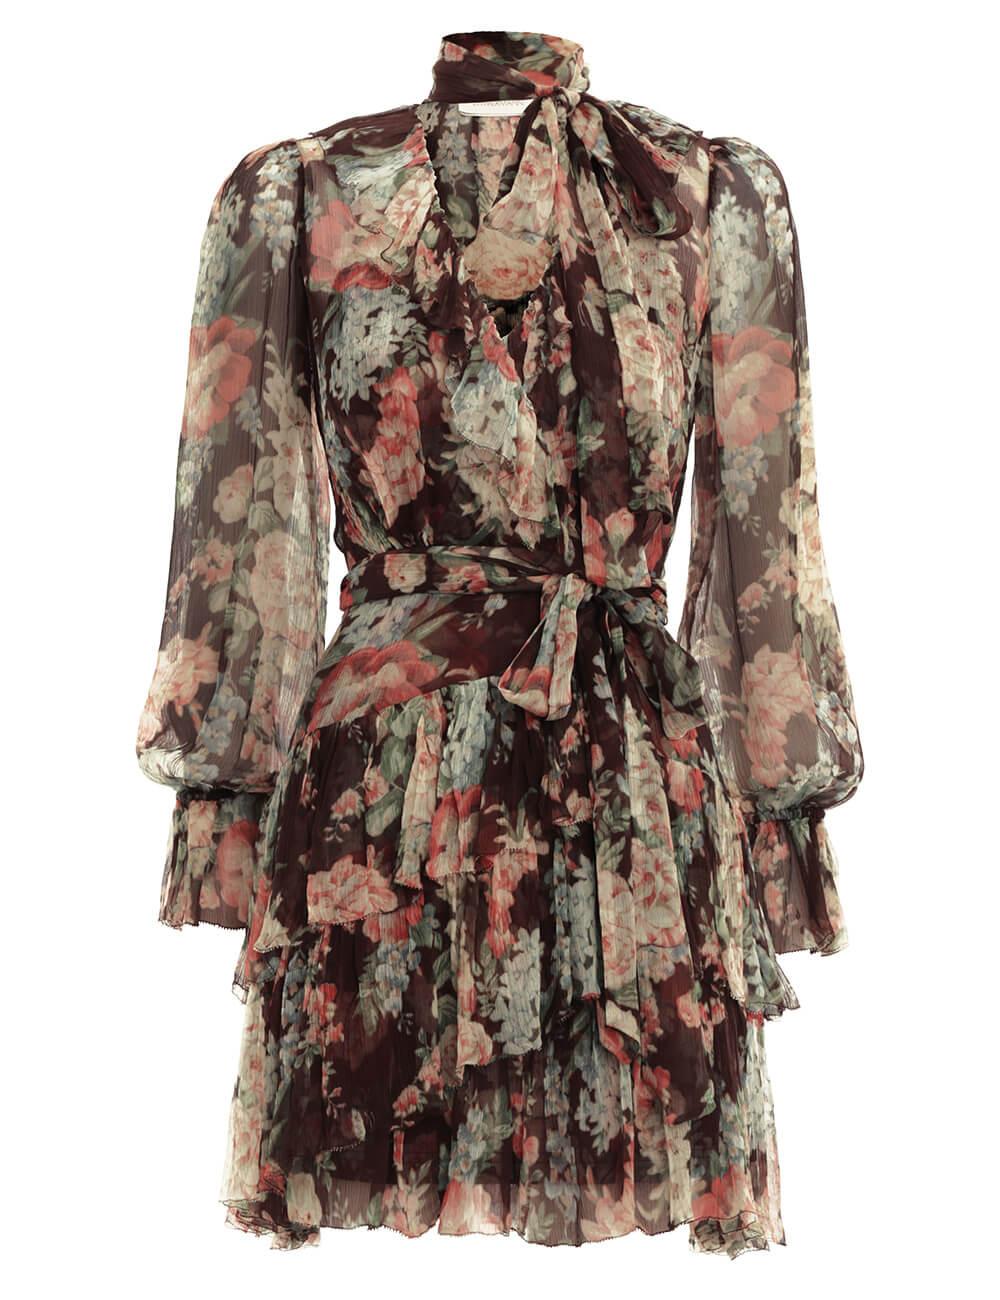 Espionage Ruffle Wrap Dress